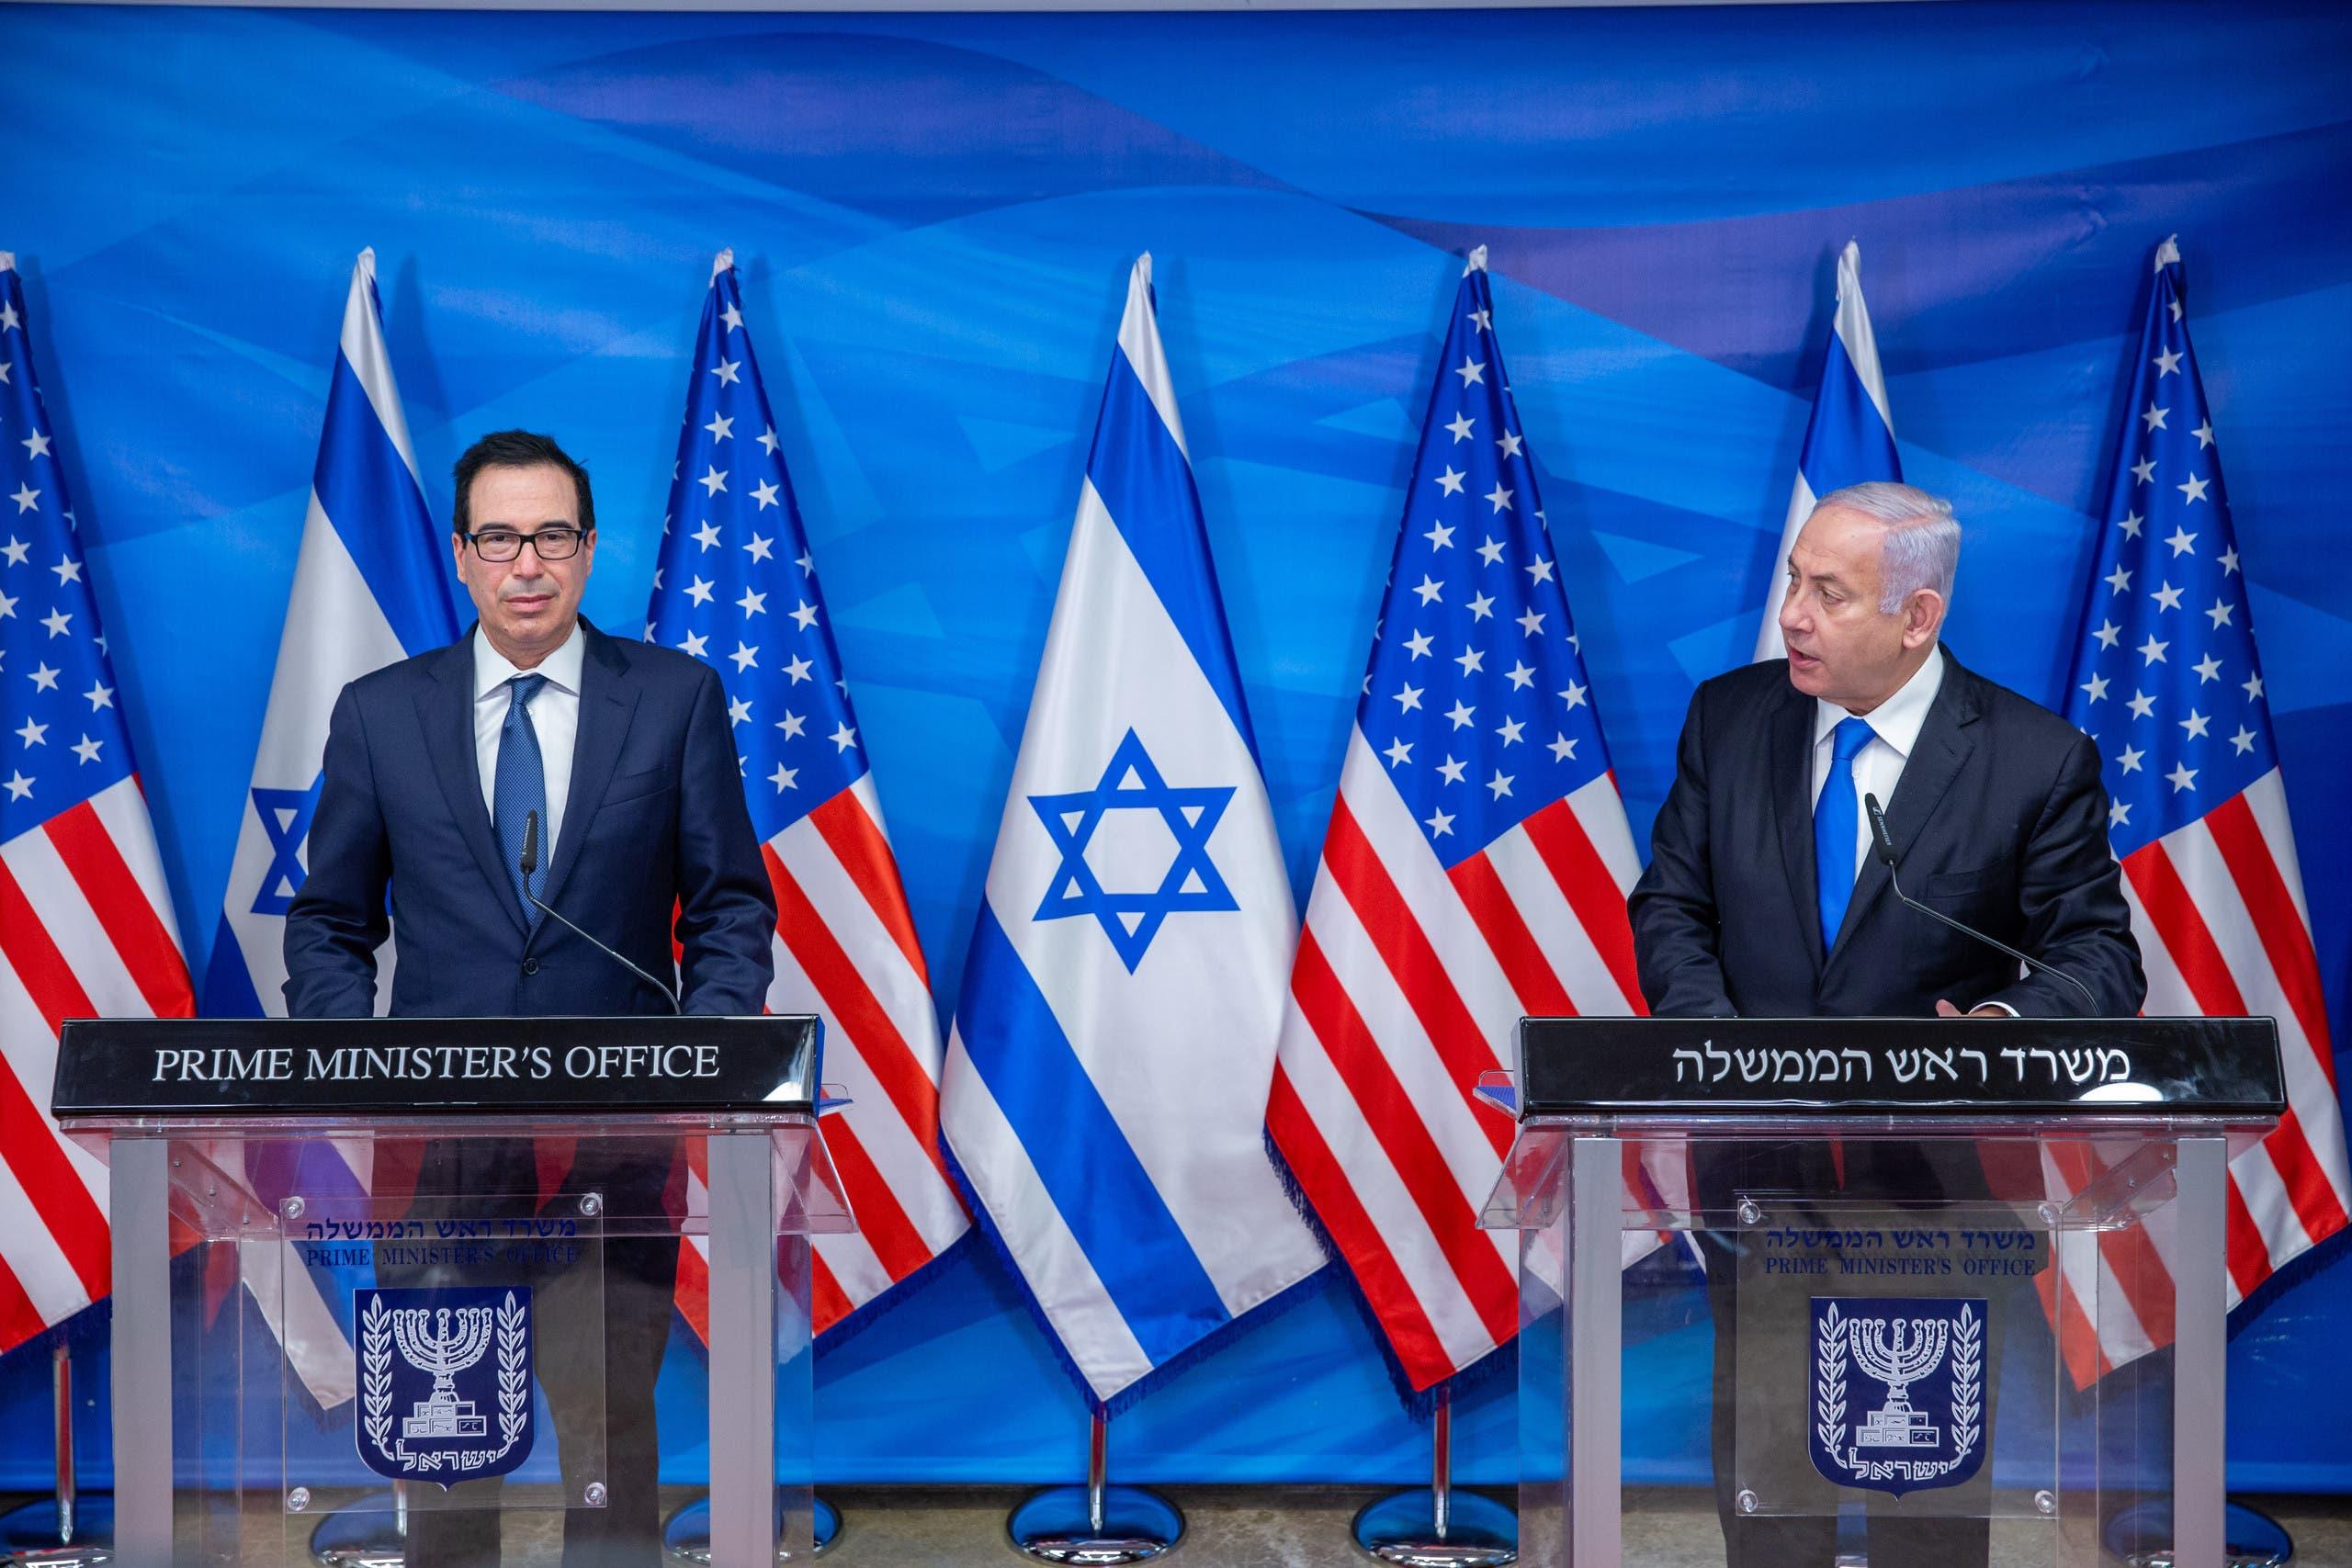 نتنياهو في مؤتمر صحافي في 7 يناير الجاري في القدس مع وزير الخزانة الأميركية